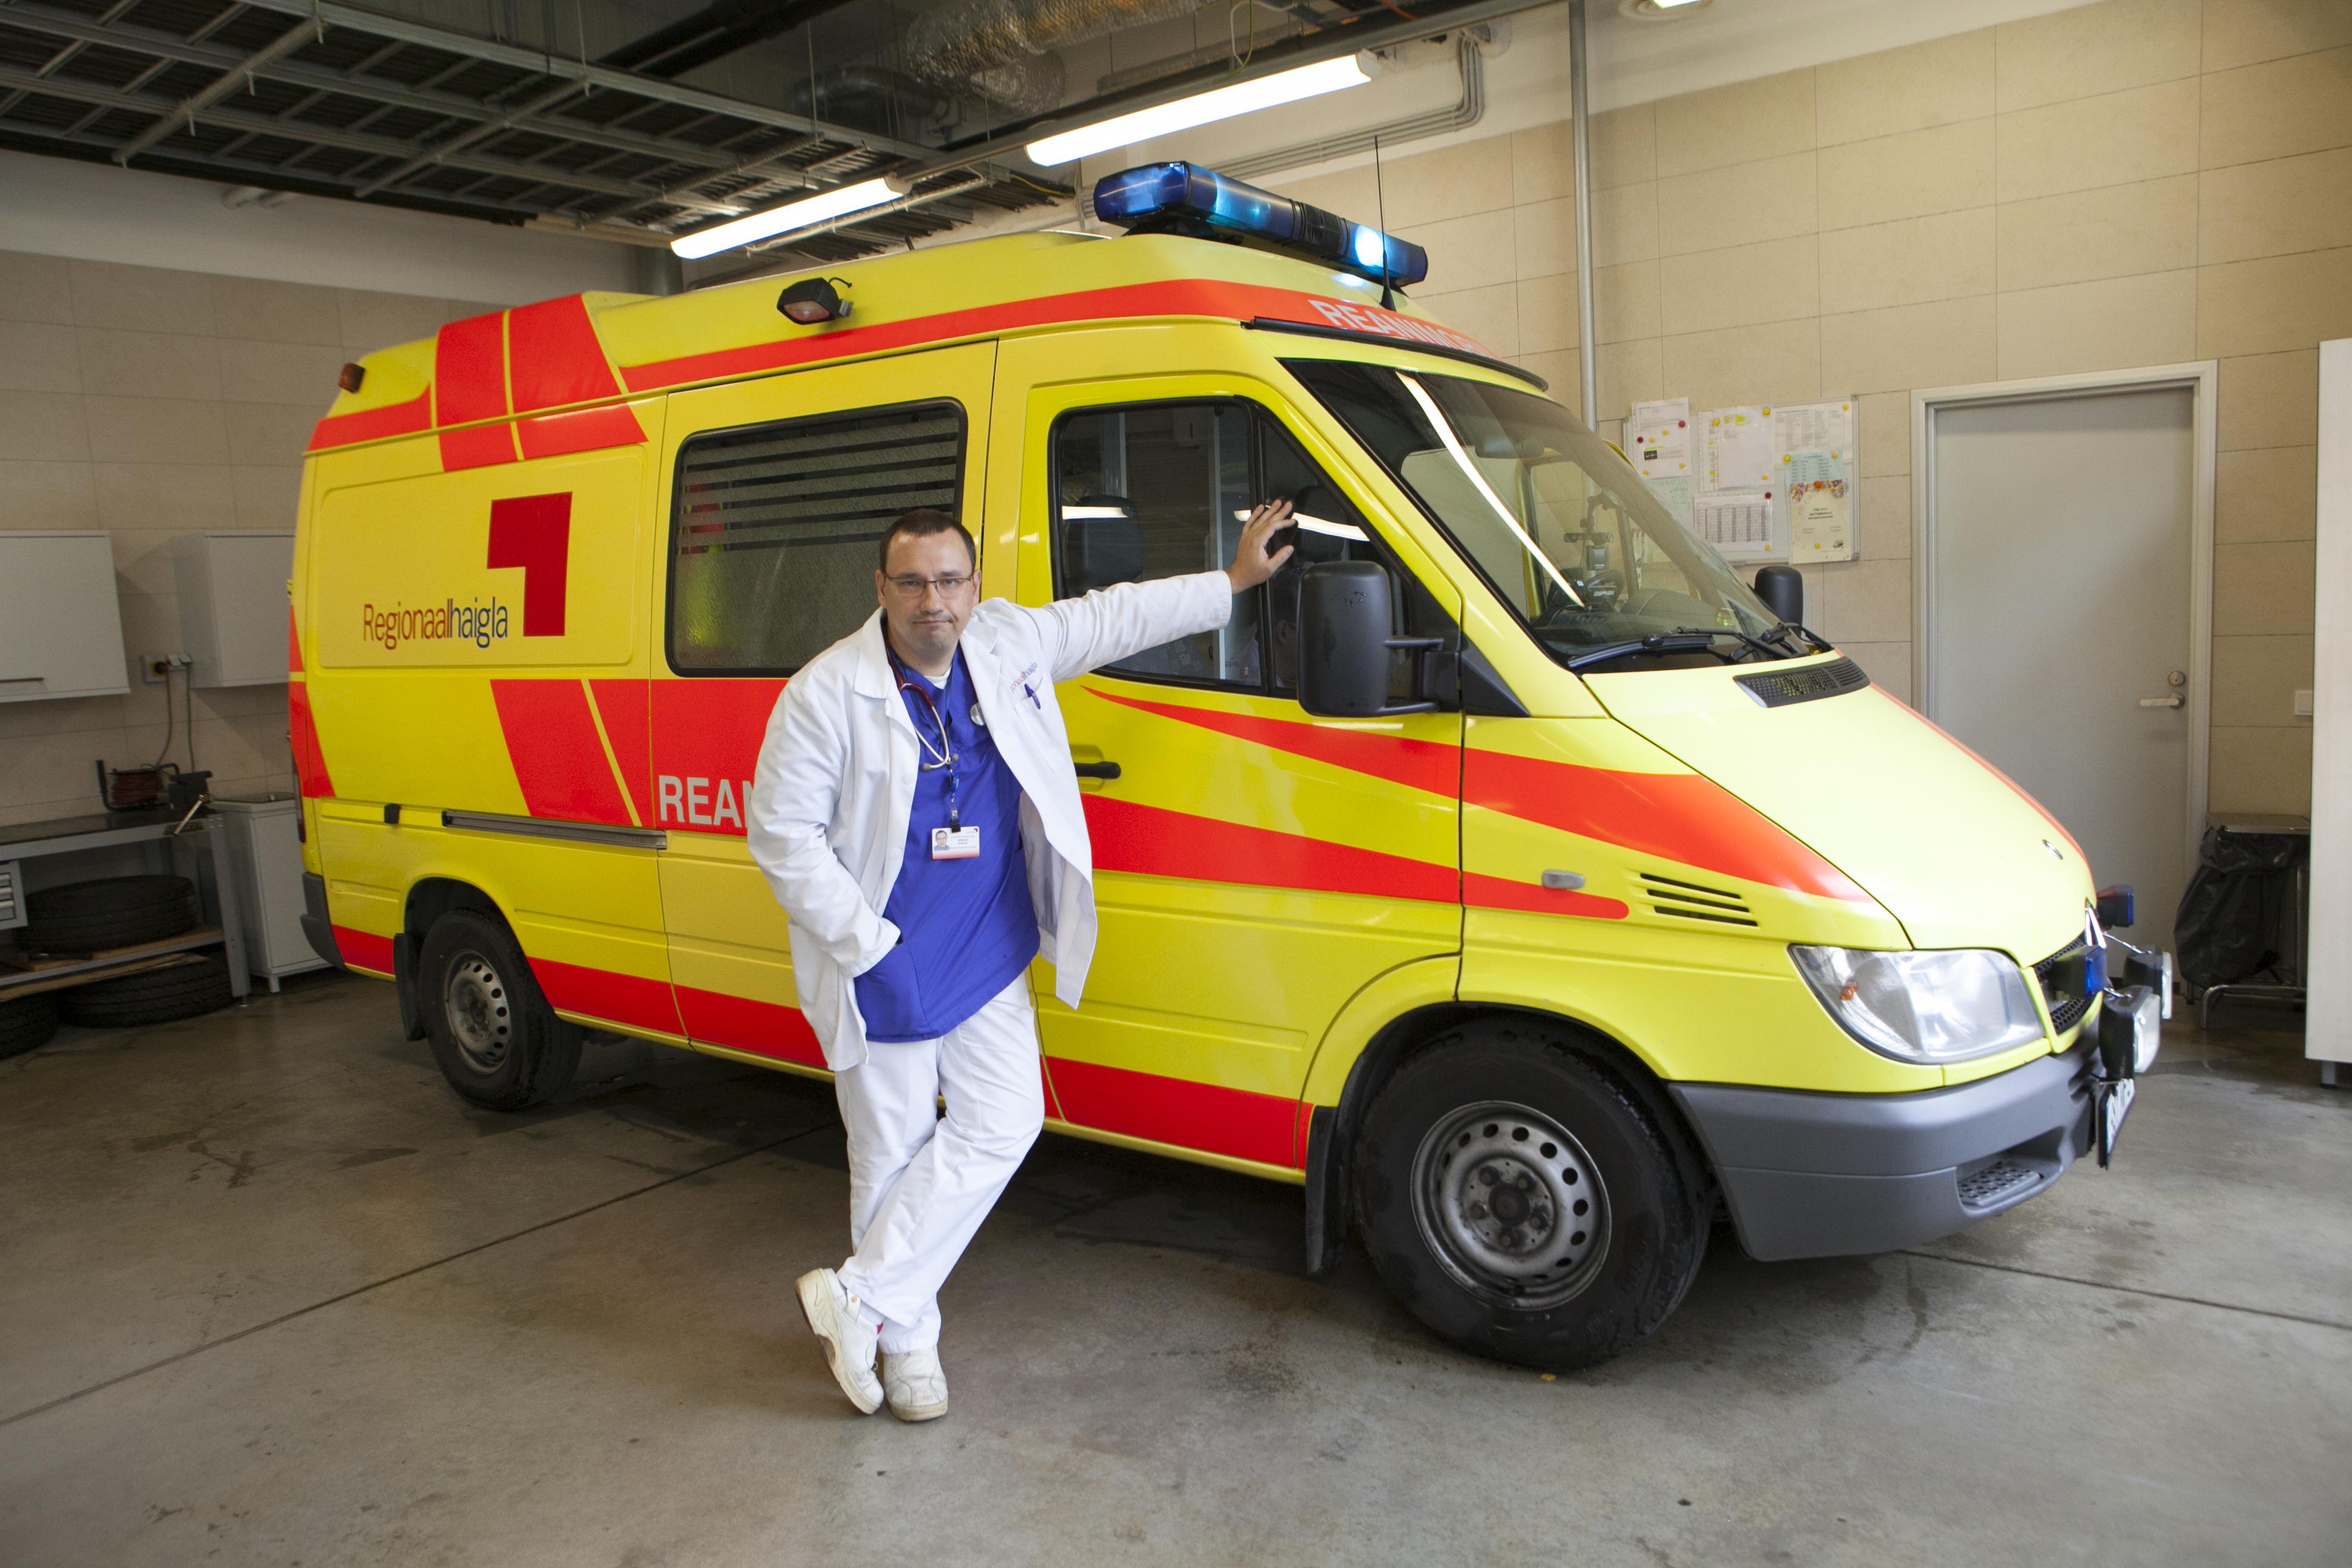 Медицинский руководитель кризисного штаба и руководитель центра скорой помощи Северо-Эстонской Региональной больницы Аркадий Попов о готовности скорой помощи бороться с коронавирусом